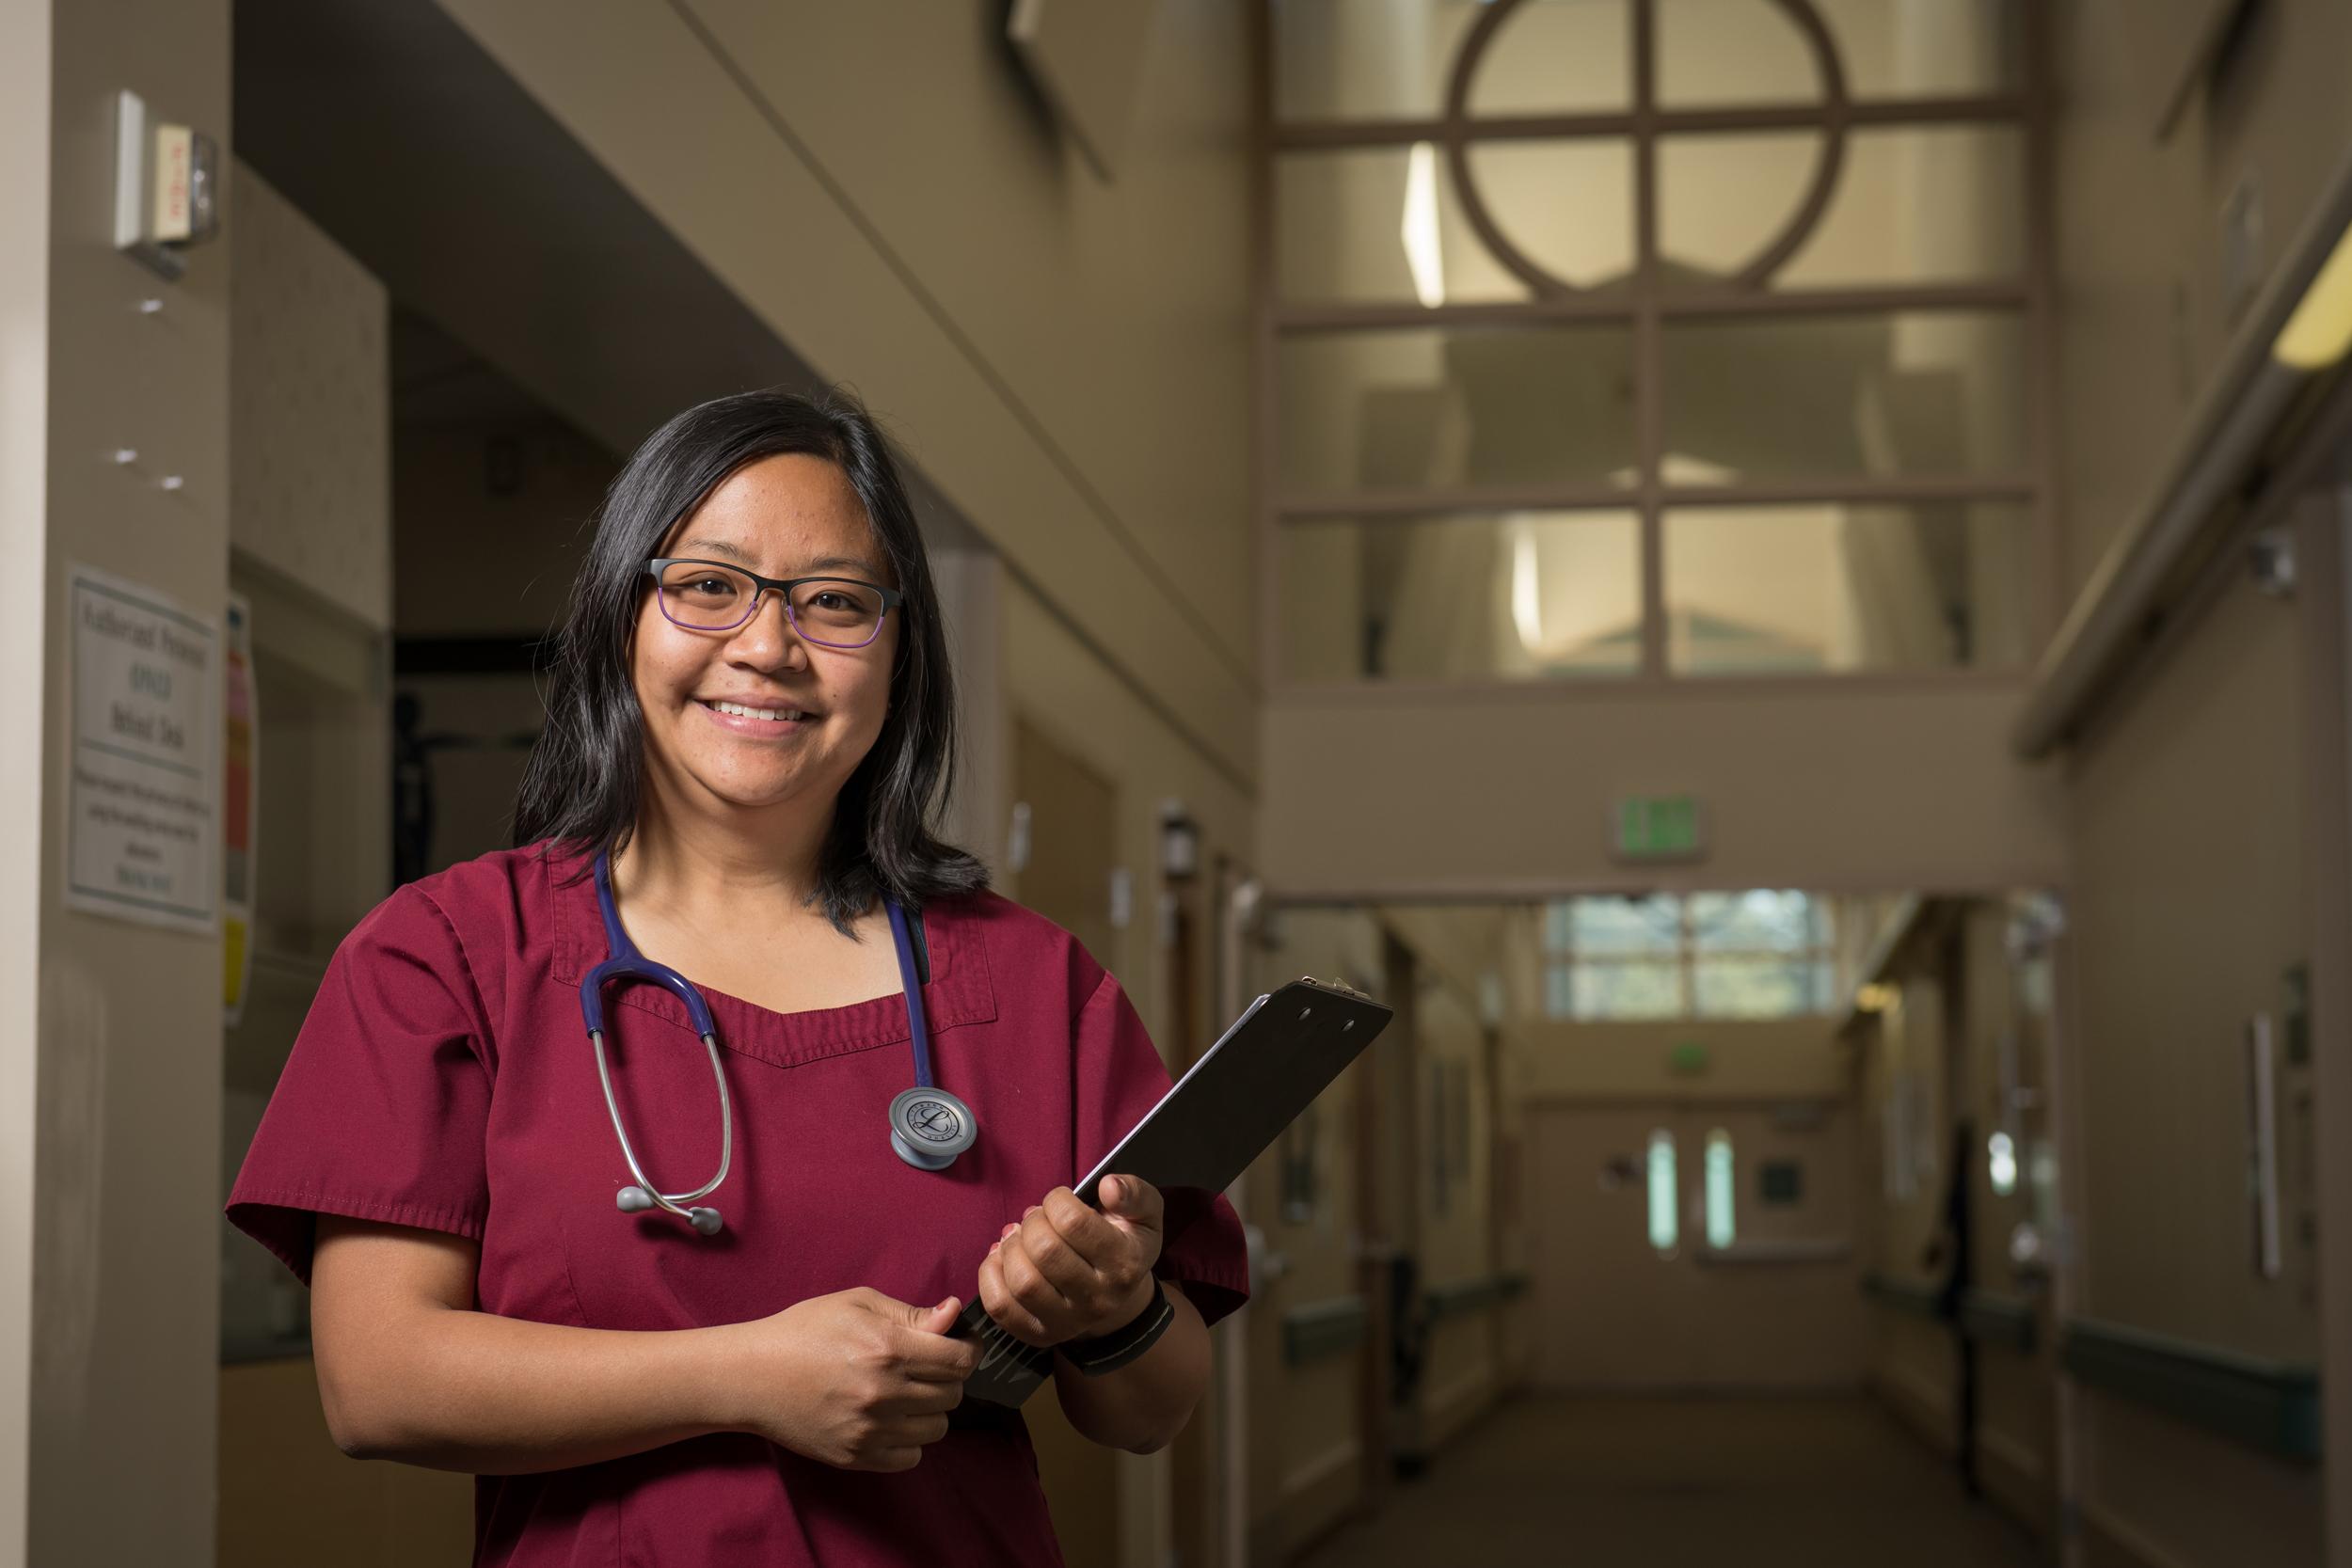 Nurse standing inhallway